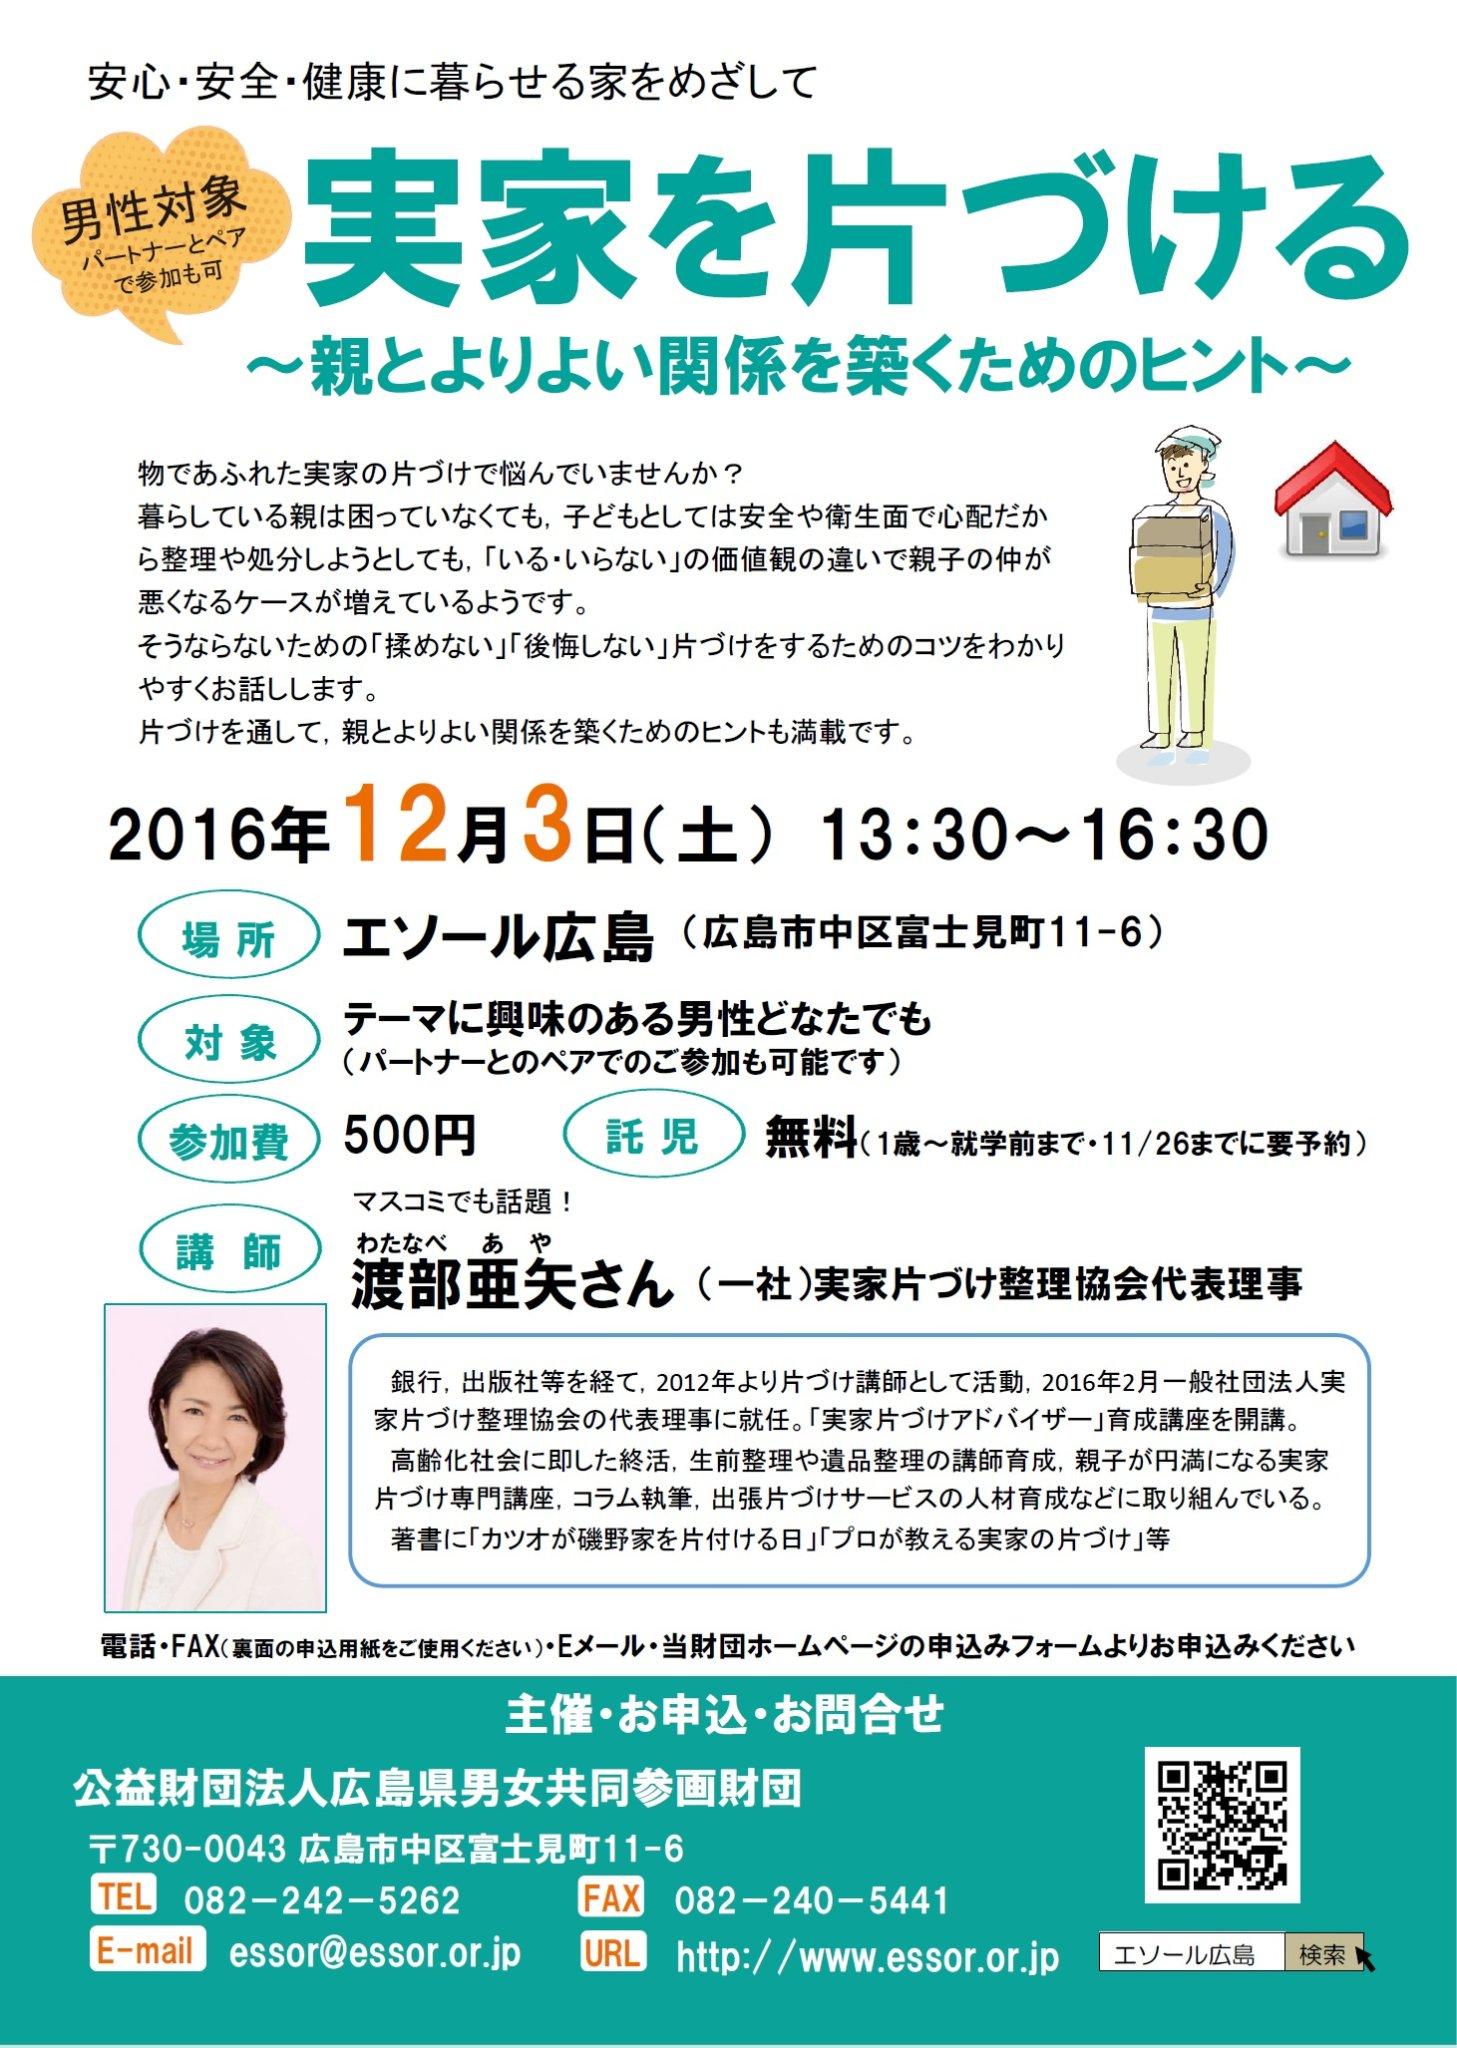 【広島】男性対象「実家を片づける~親とよりよい関係を築くためのヒント」親の家の片付け講座初